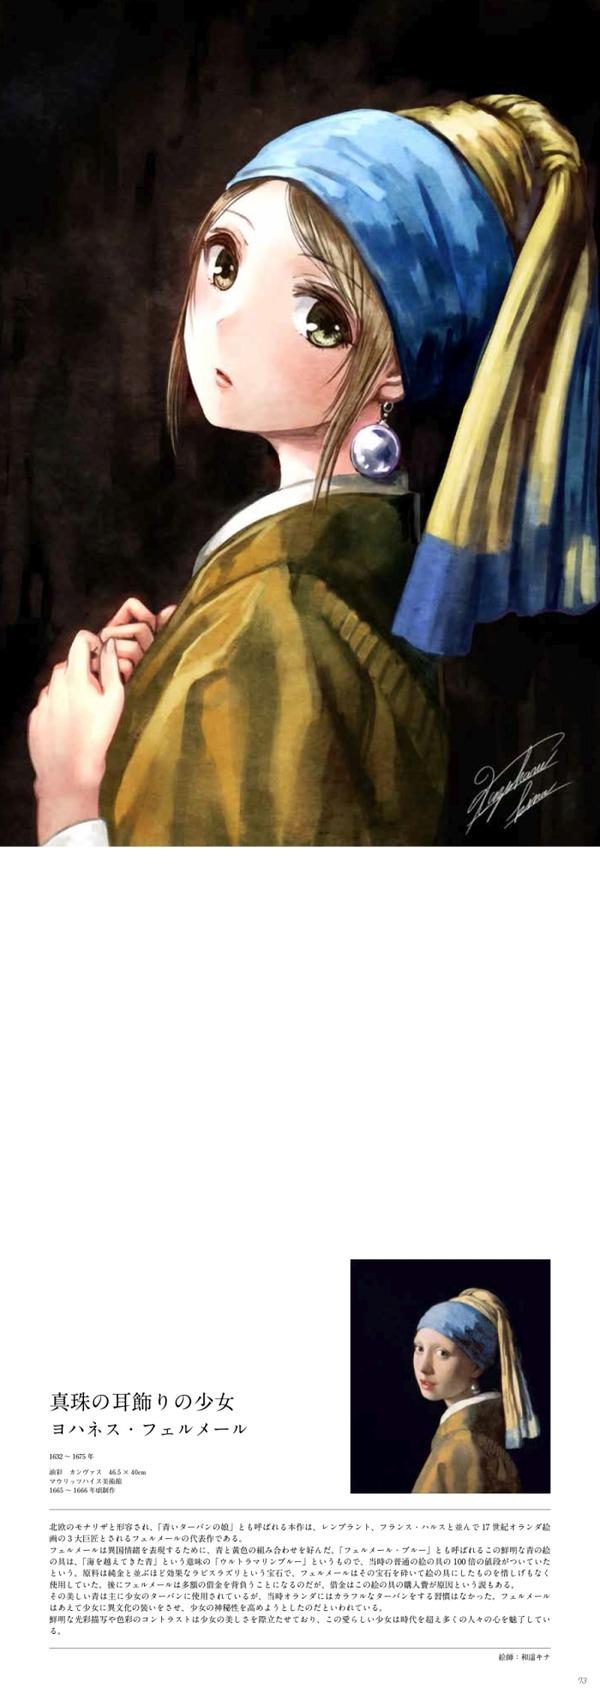 【萌え×名画】絵師で彩る世界の名画がバカ売れしそうな気配【画像あり】